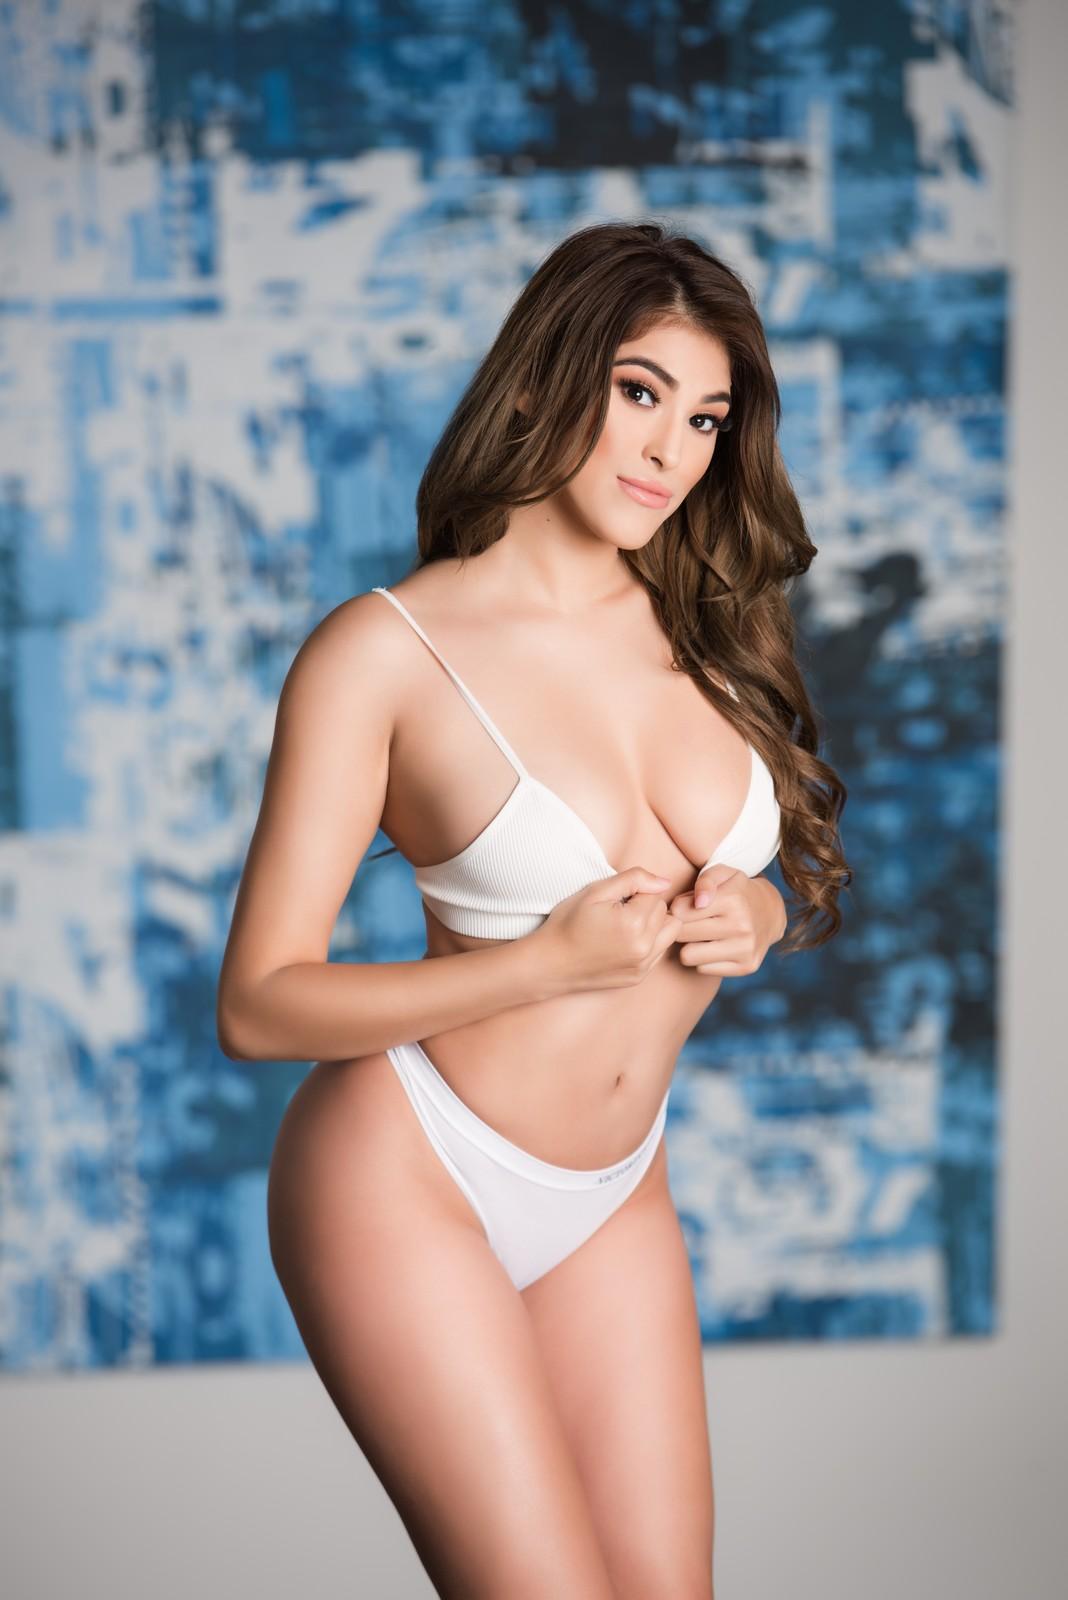 Stephanie West